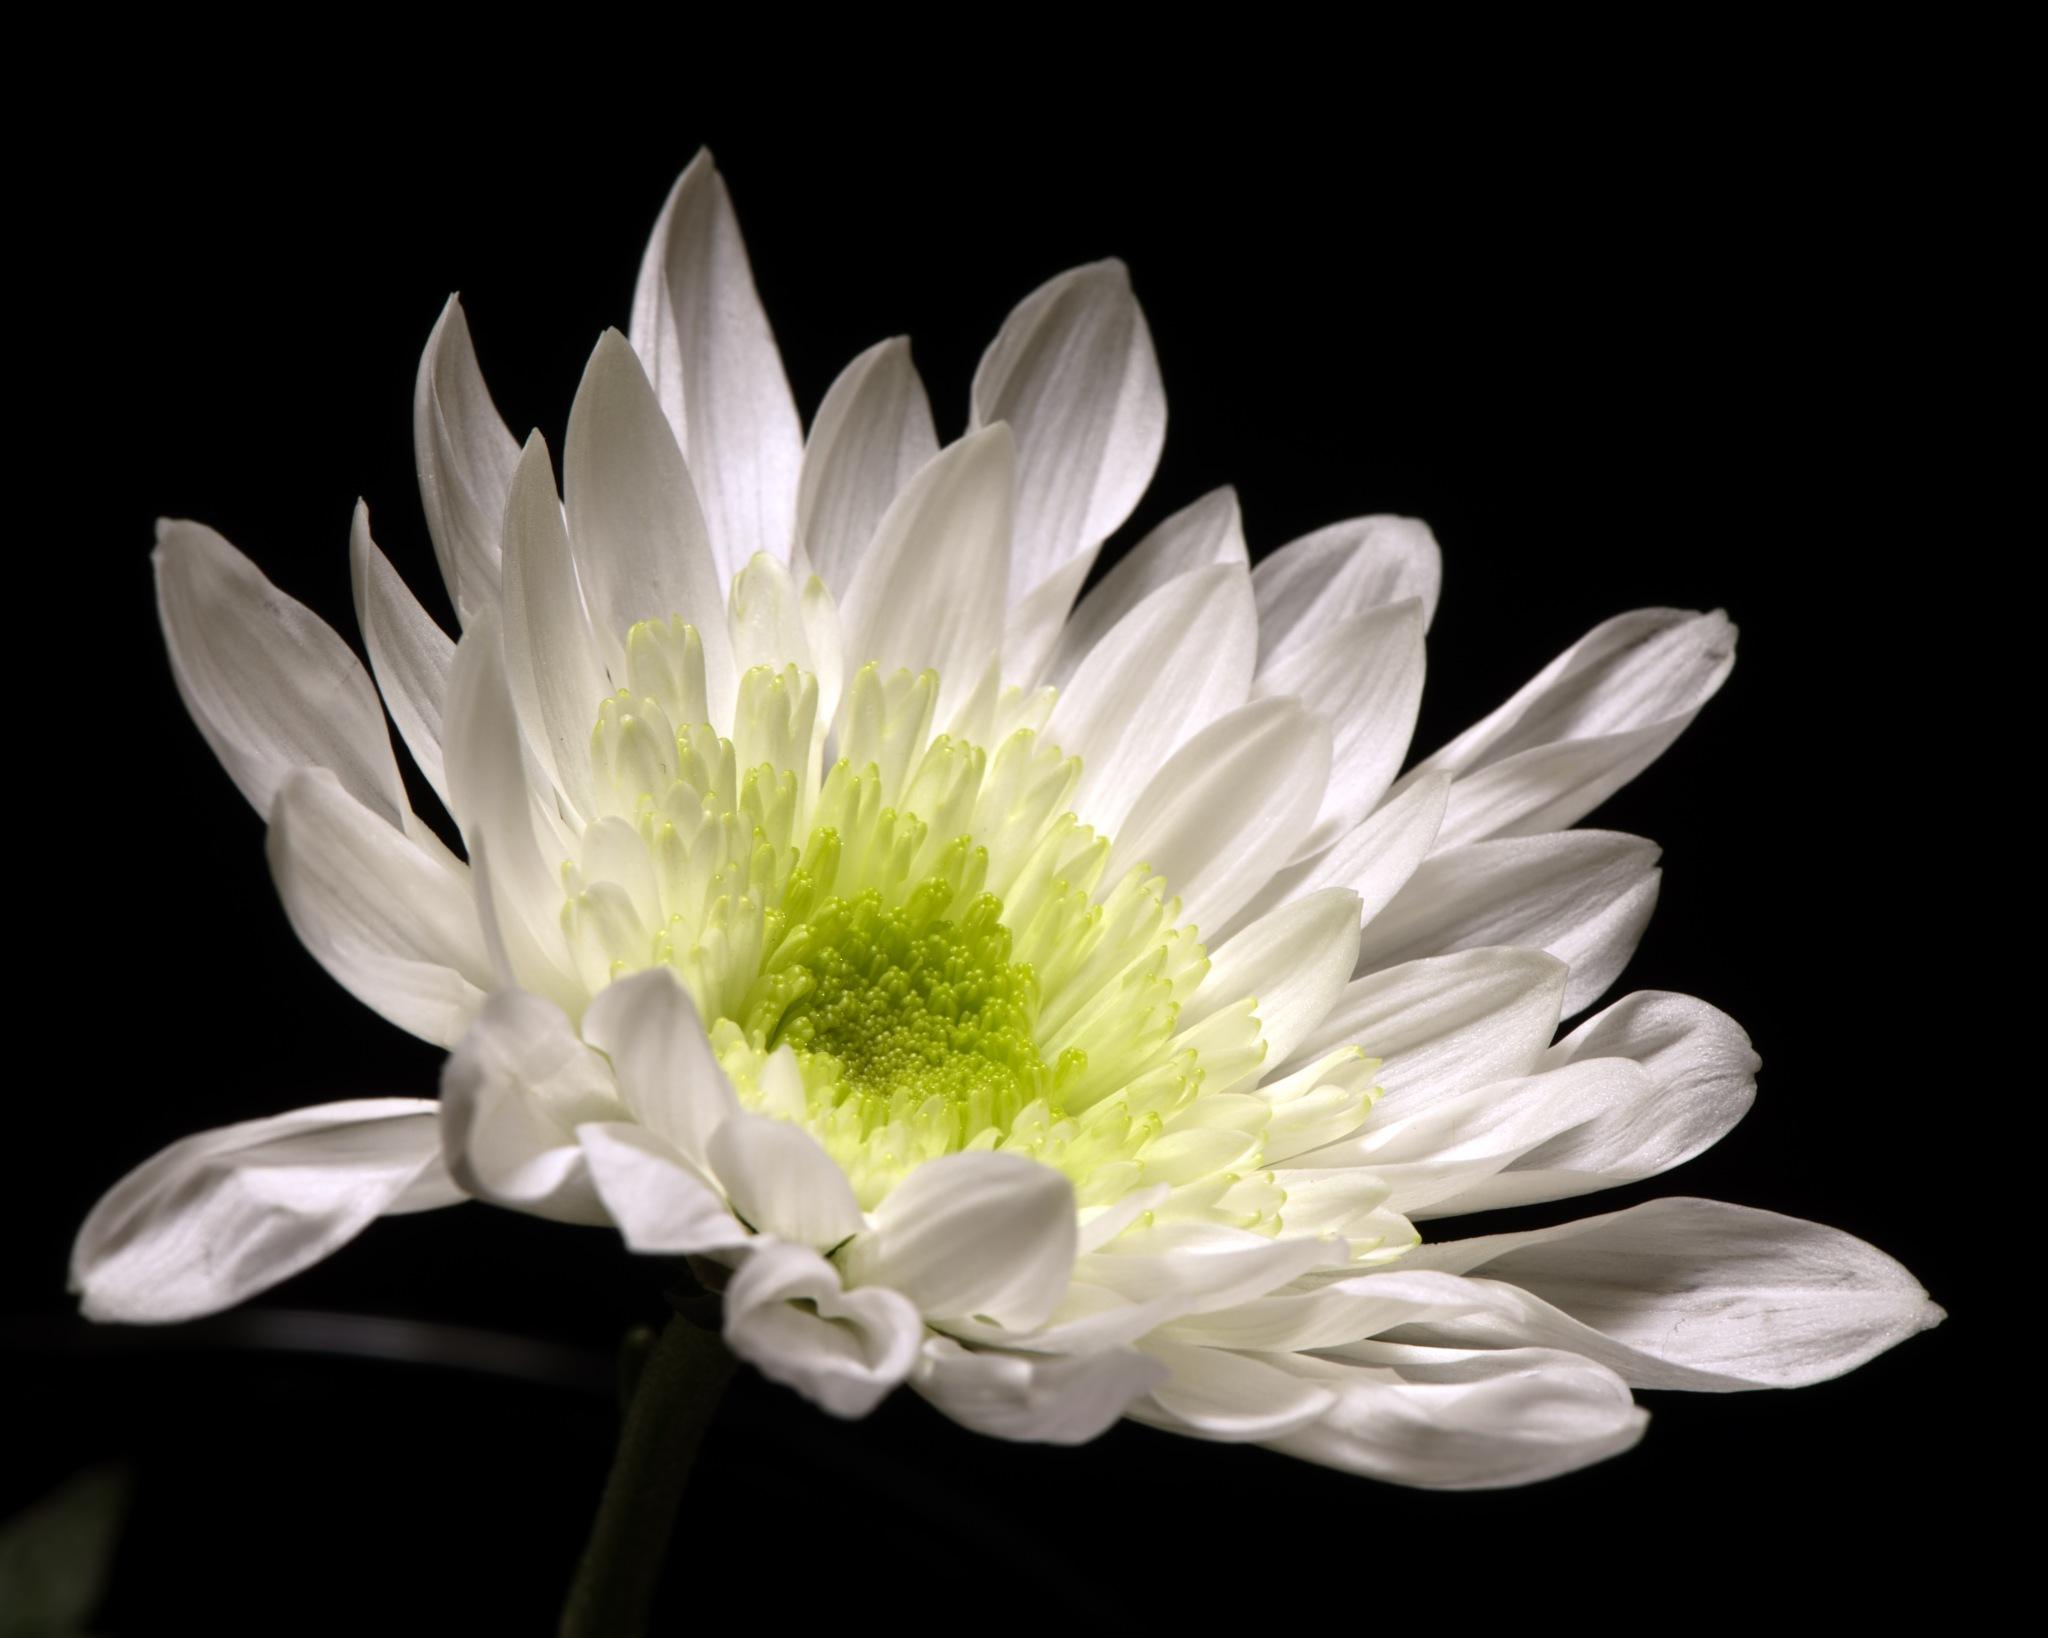 White Mum 0409 by ThomasJerger